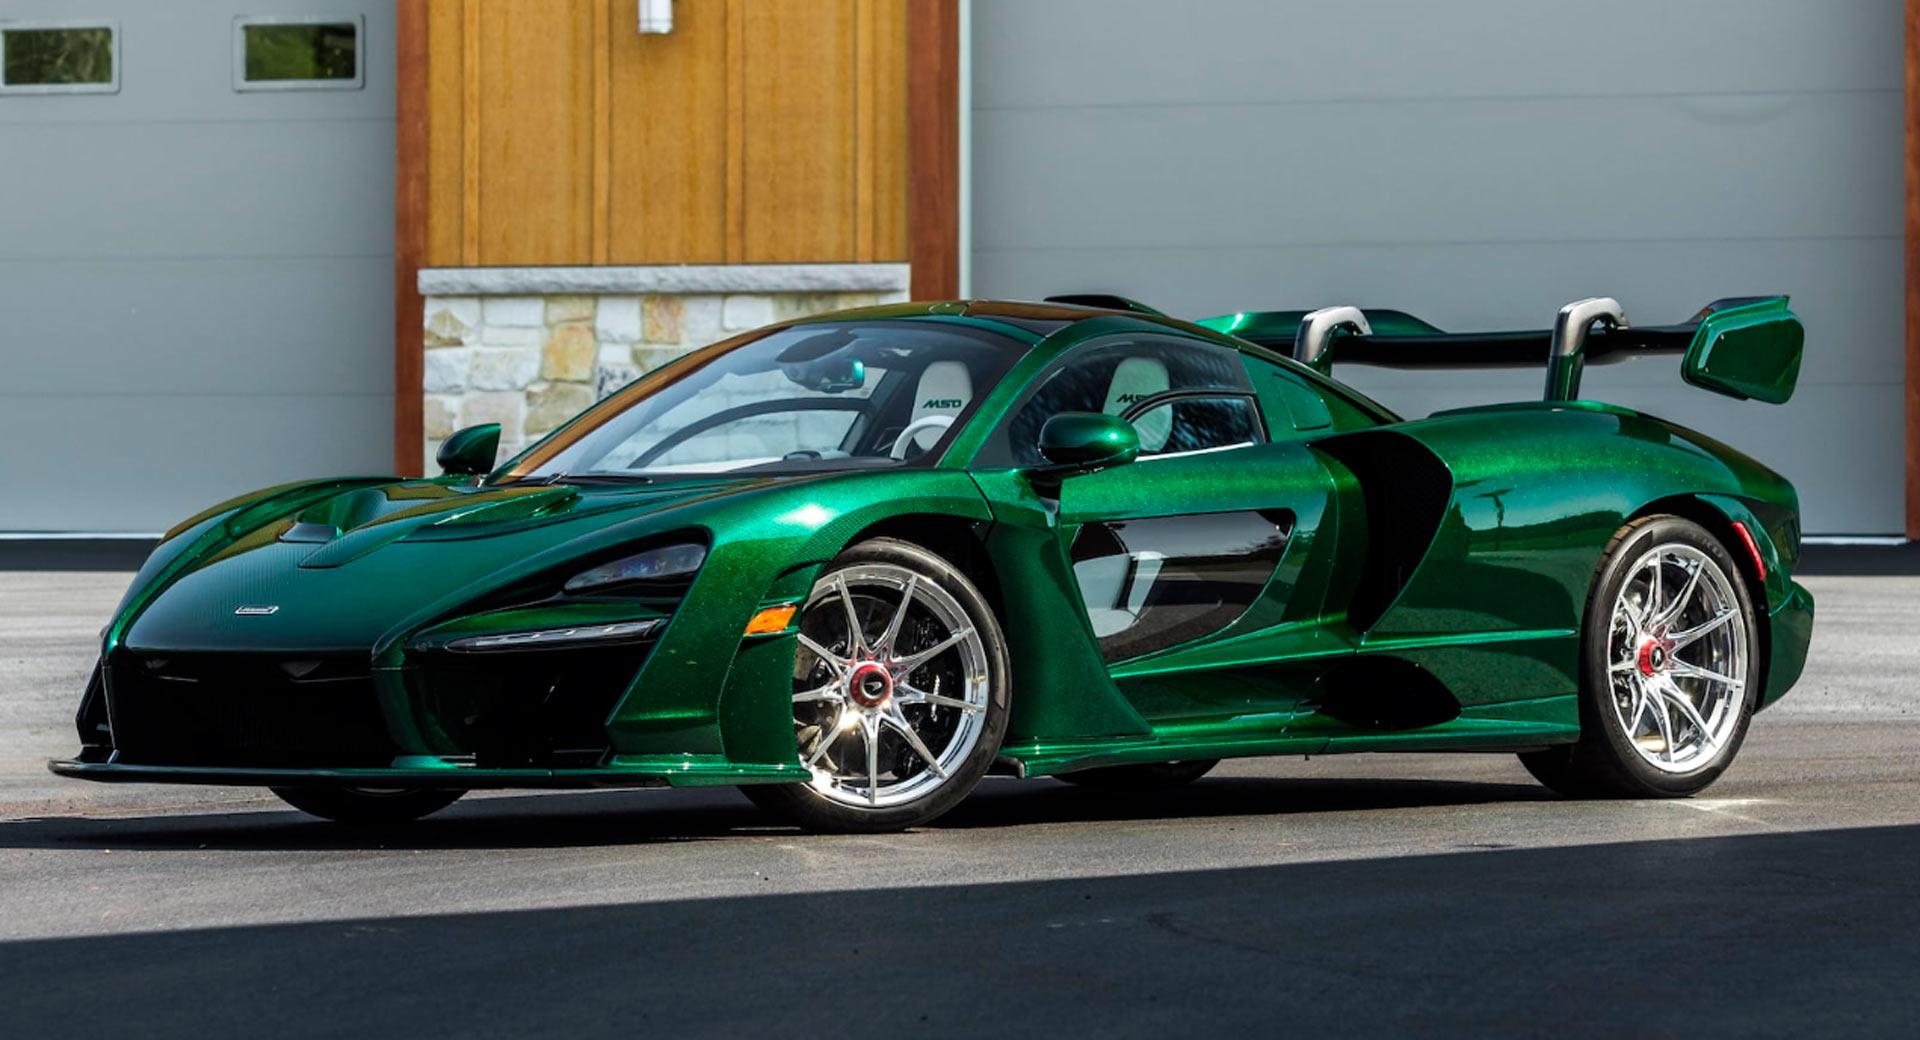 Michael-Fux-cars-auction-McLaren-Senna-1